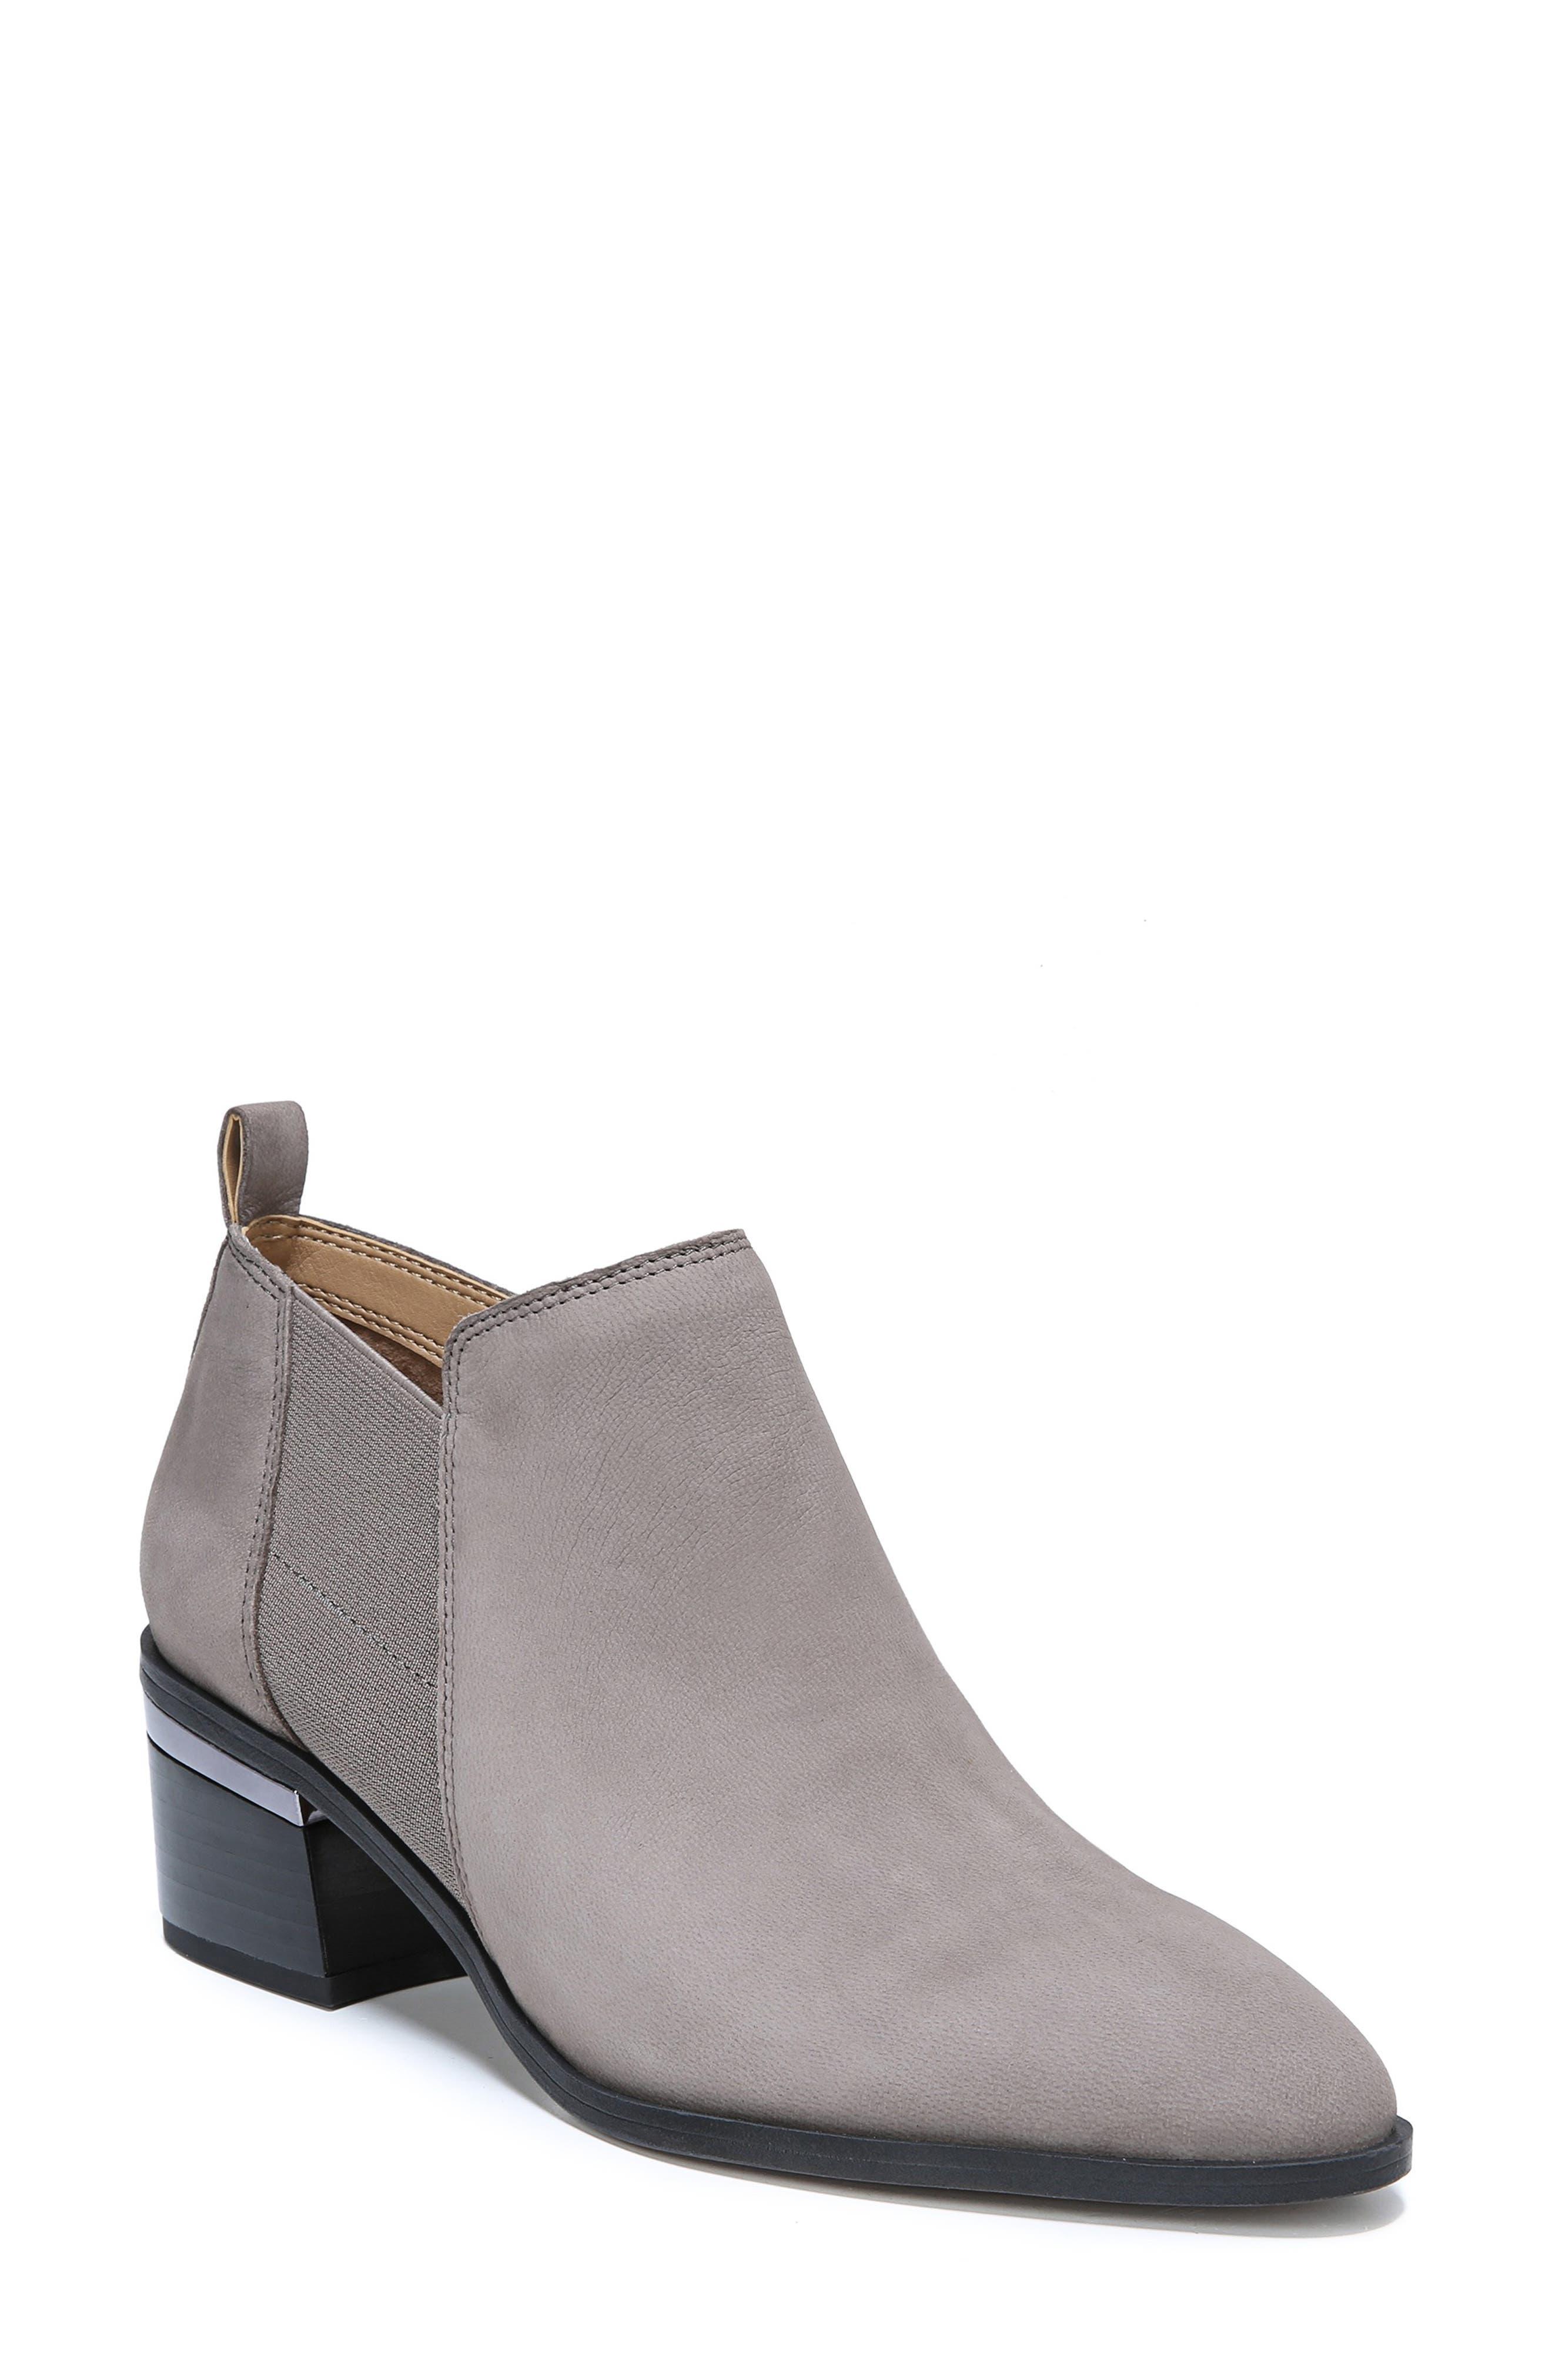 91e82fa8f20c Boots Franco Sarto Shoes